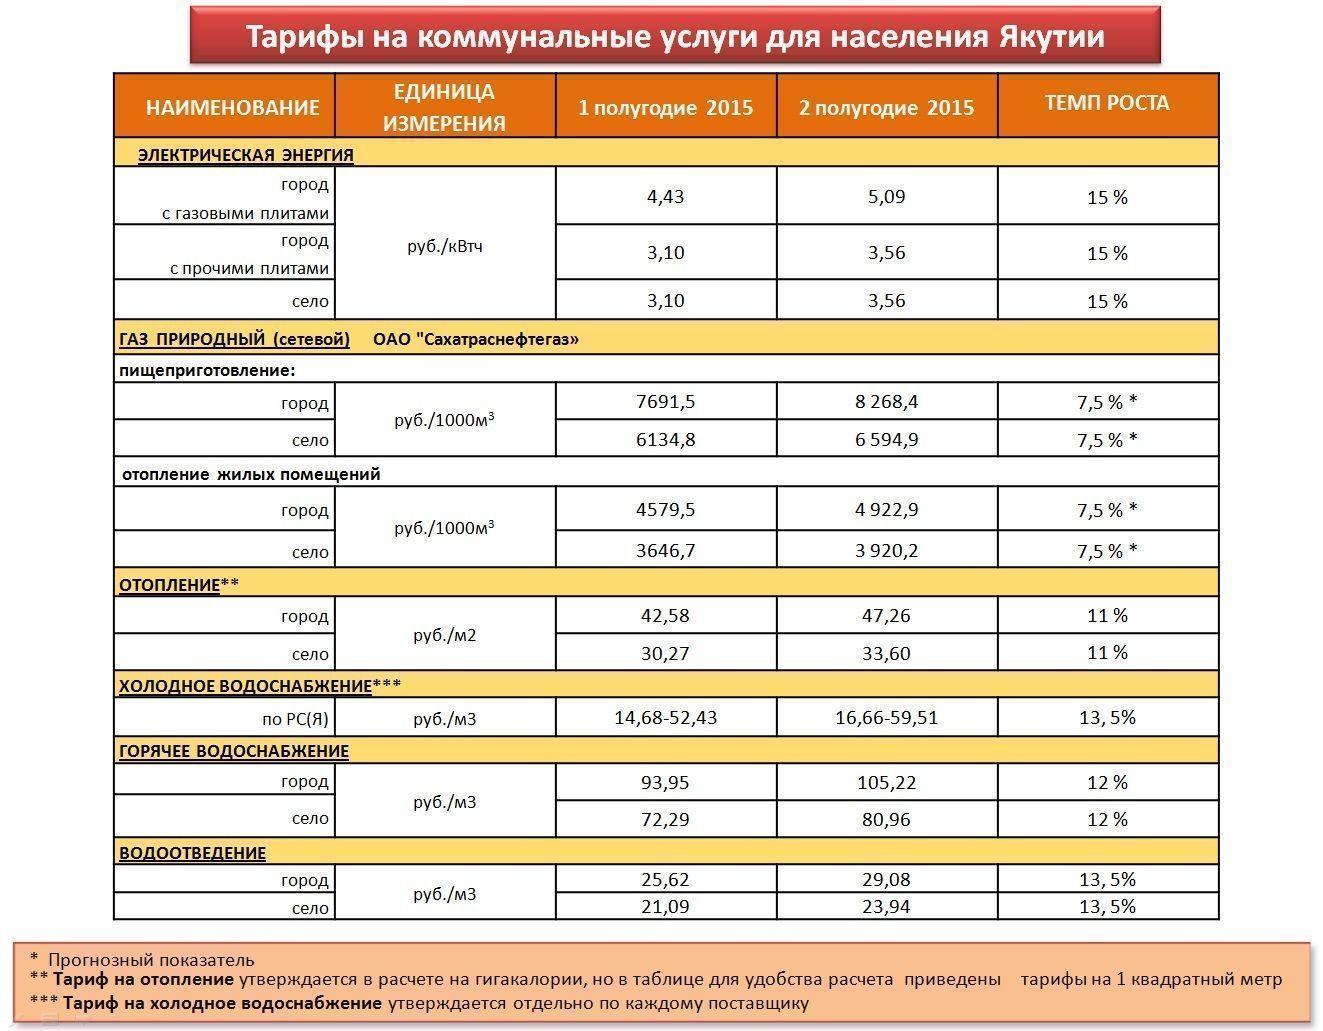 Коммунальные платежи вырастут с 1 июля